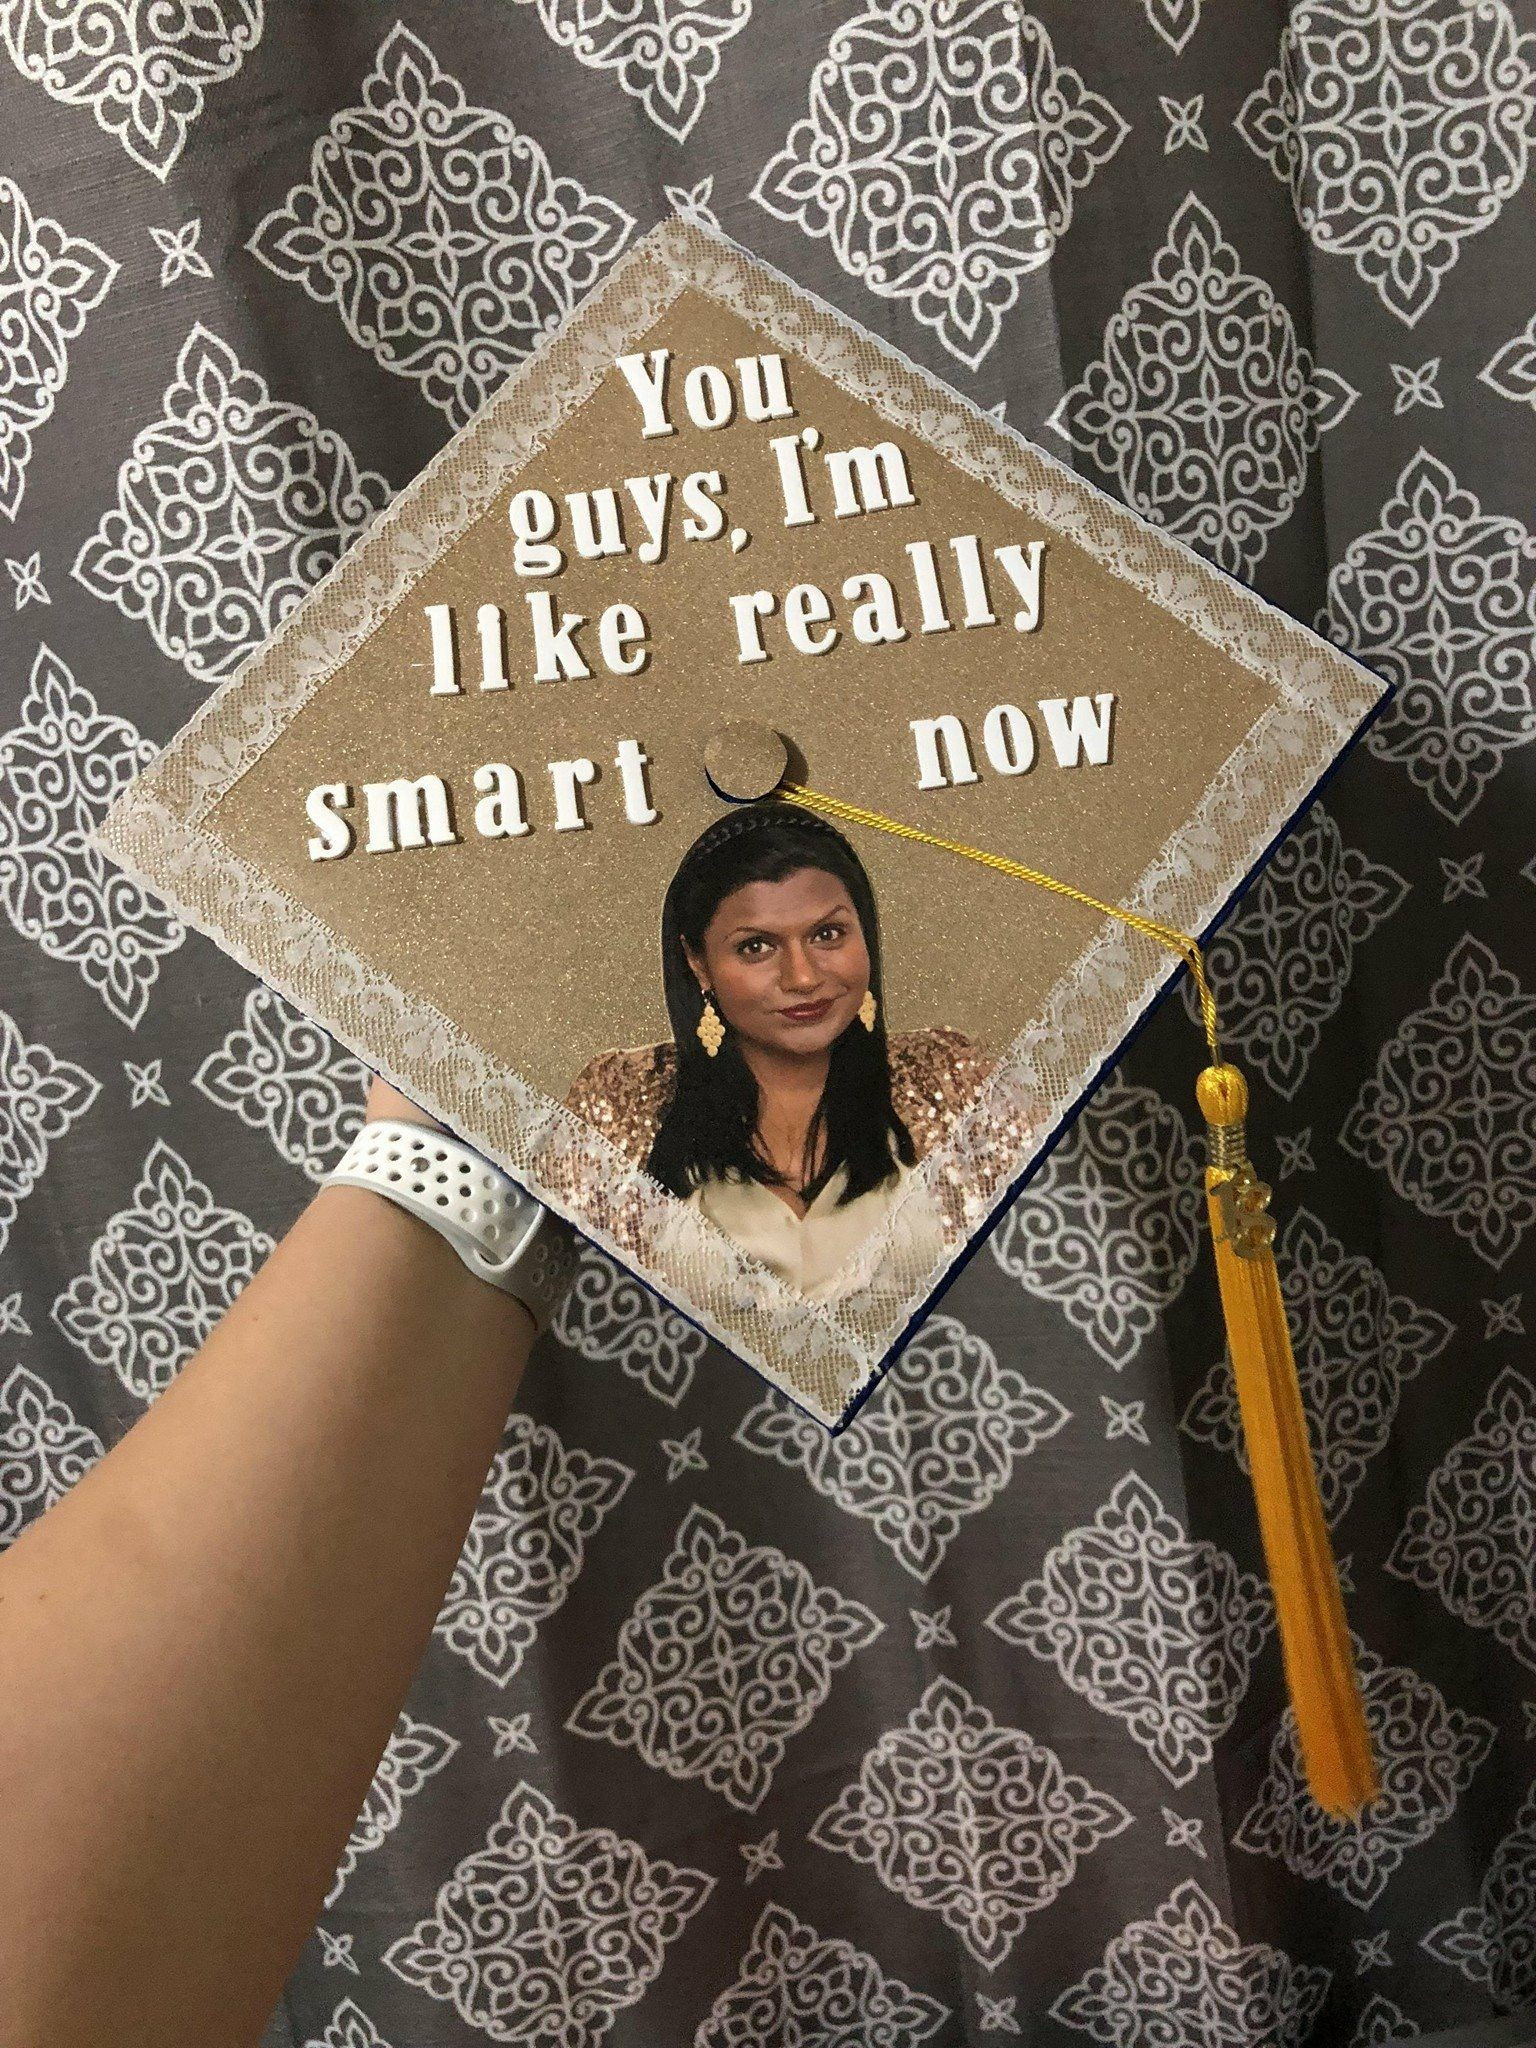 Pin By Megan Flores On Graduation Caps Graduation Cap Decoration College Grad Cap Ideas College Graduation Cap